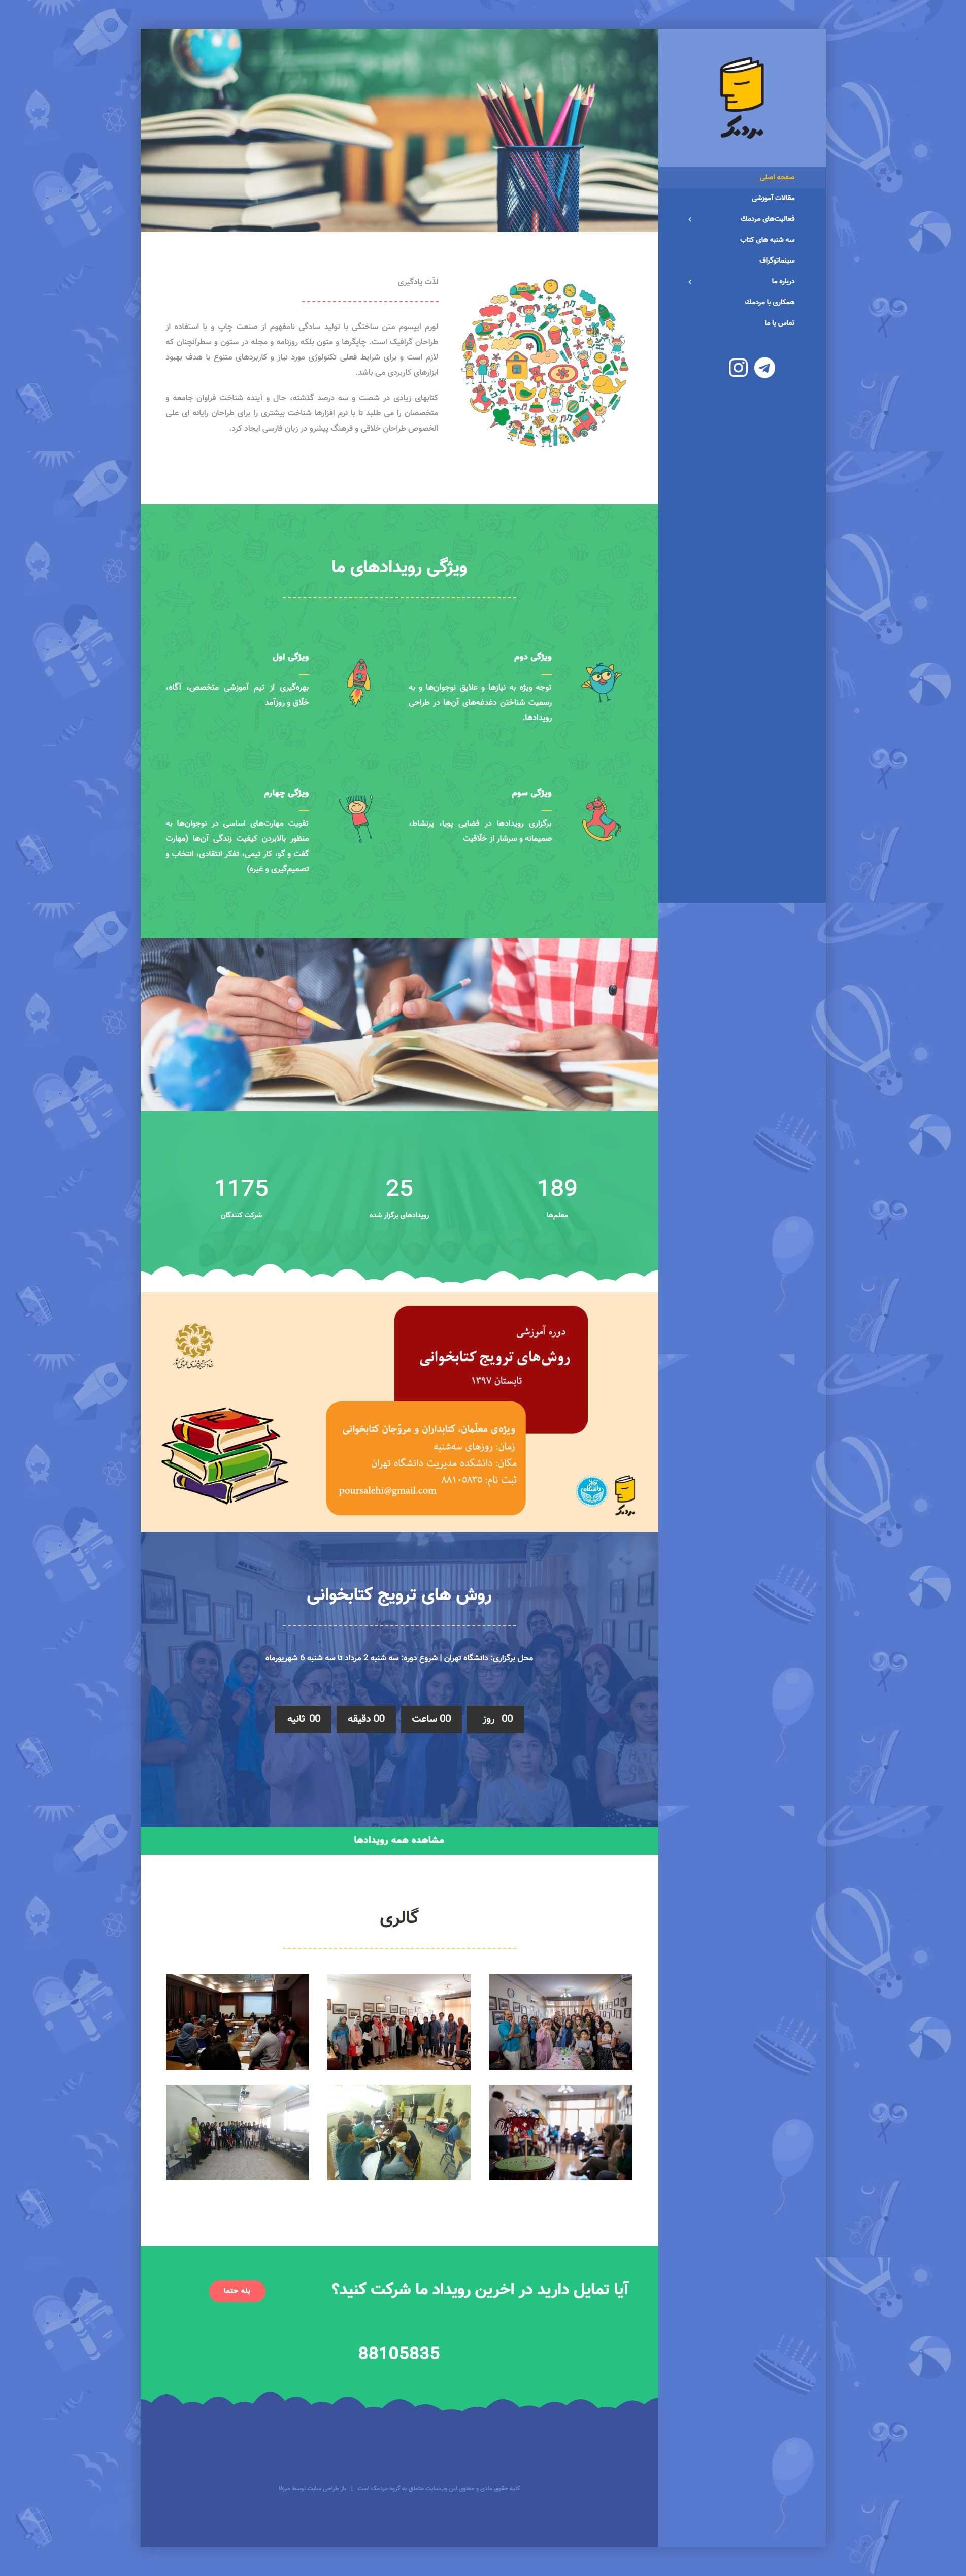 طراحی سایت اموزشی برای کودکان